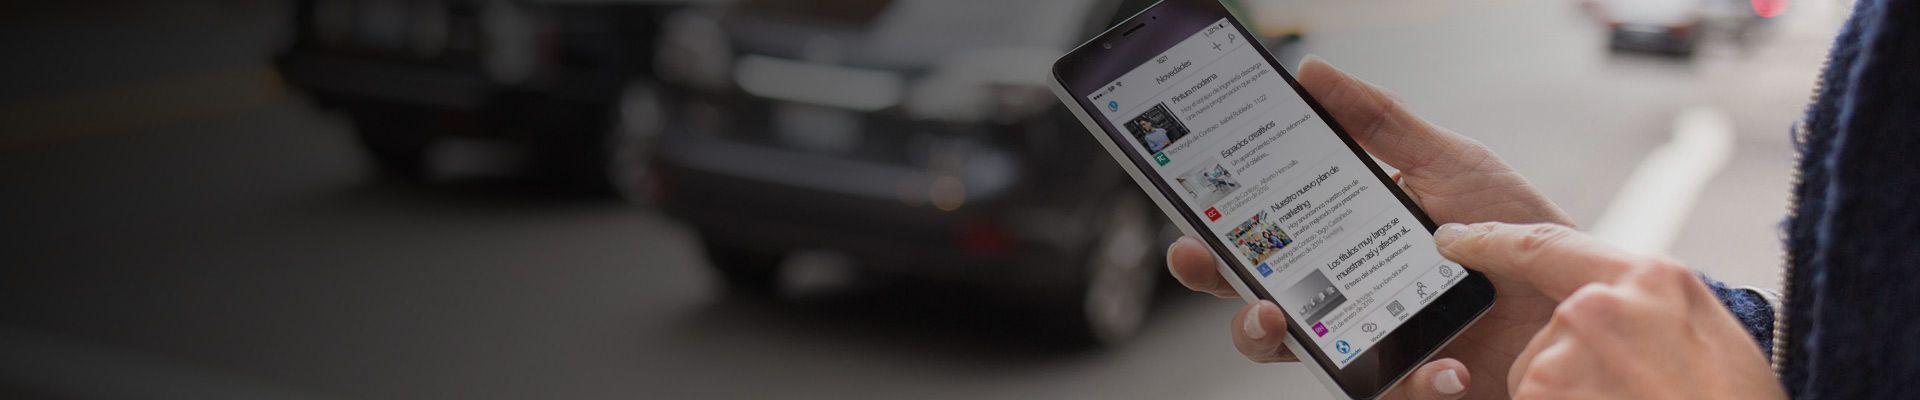 Un smartphone en el que se muestran noticias de sitios en SharePoint